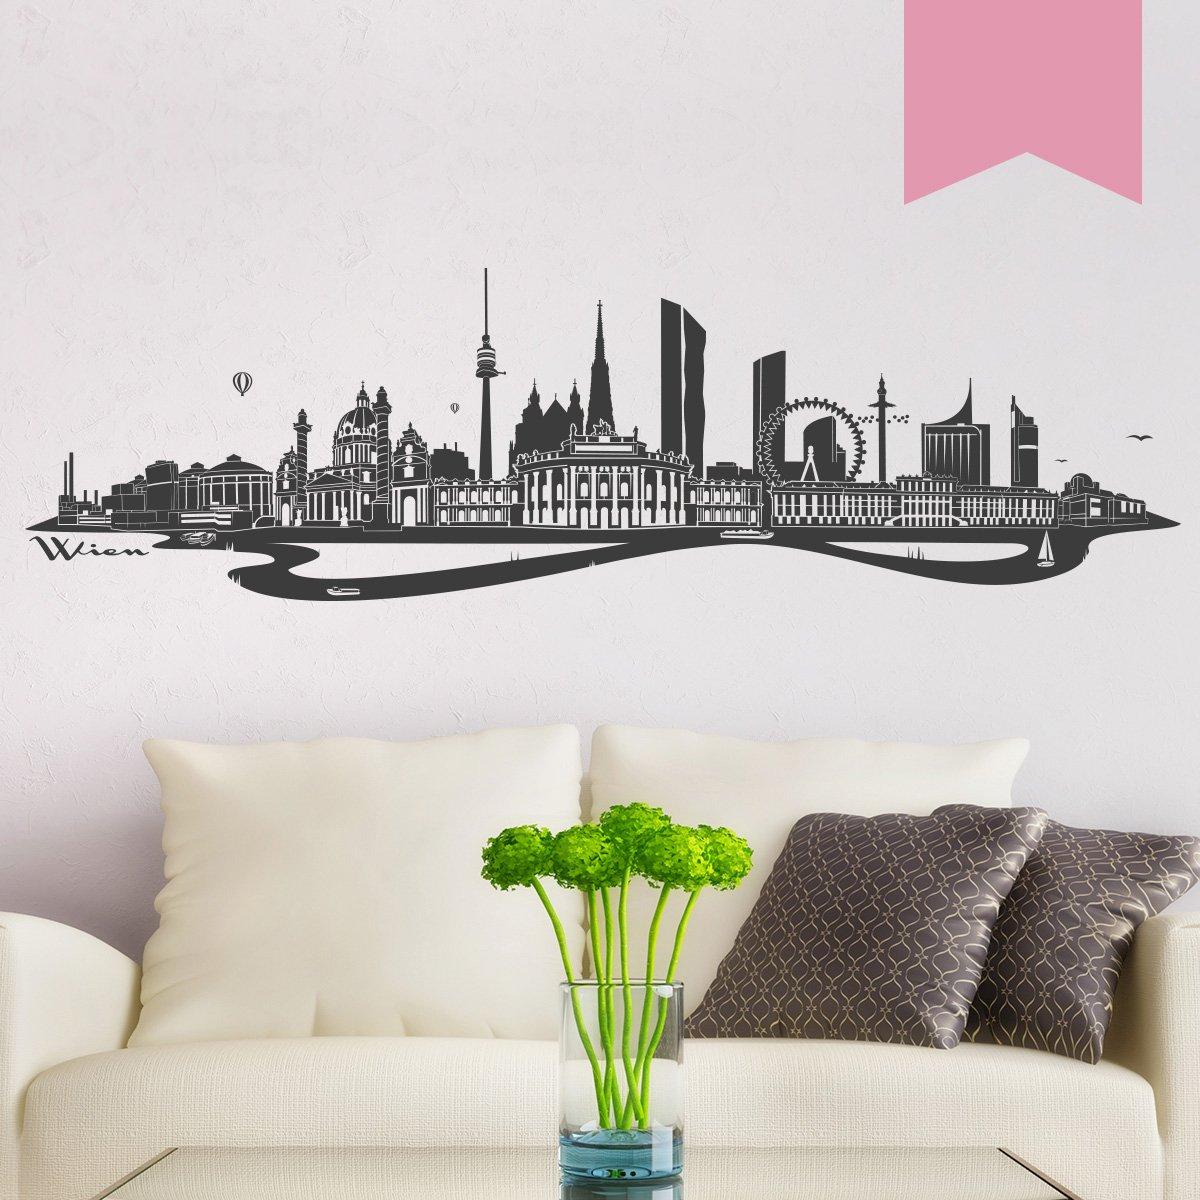 WANDKINGS WANDKINGS WANDKINGS Wandtattoo - Skyline Wien (mit Fluss) - 300 x 86 cm - Mittelgrau - Wähle aus 6 Größen & 35 Farben B078SC6J1L Wandtattoos & Wandbilder 813ea3